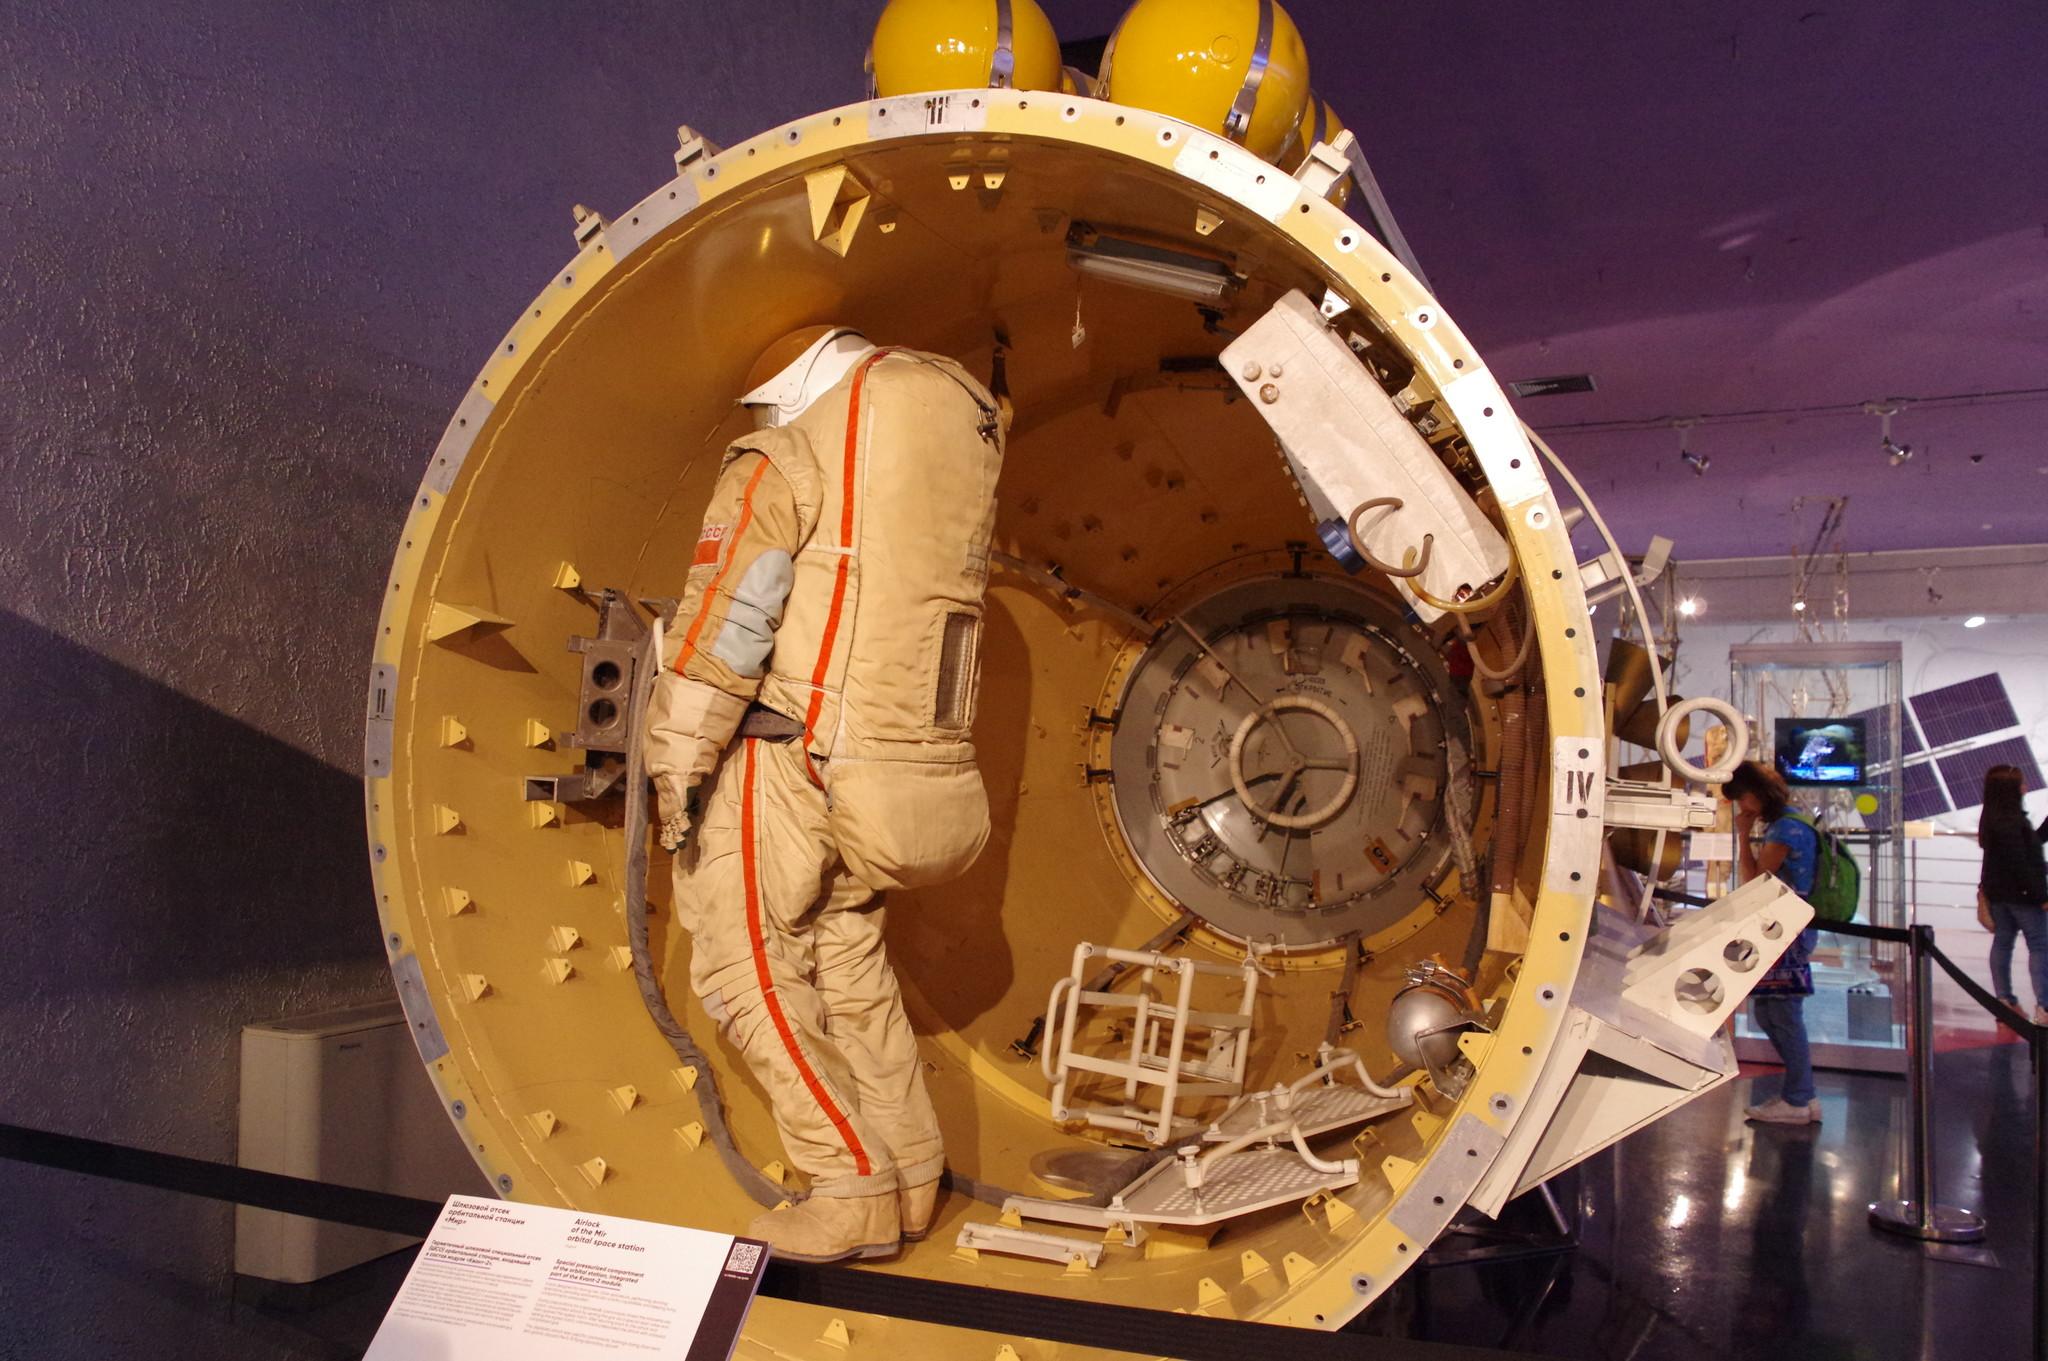 Герметичный шлюзовой специальный отсек (ШСО) орбитальной станции «Мир», входивший в состав модуля «Квант-2». Мемориальный музей космонавтики (Проспект мира, дом 111)